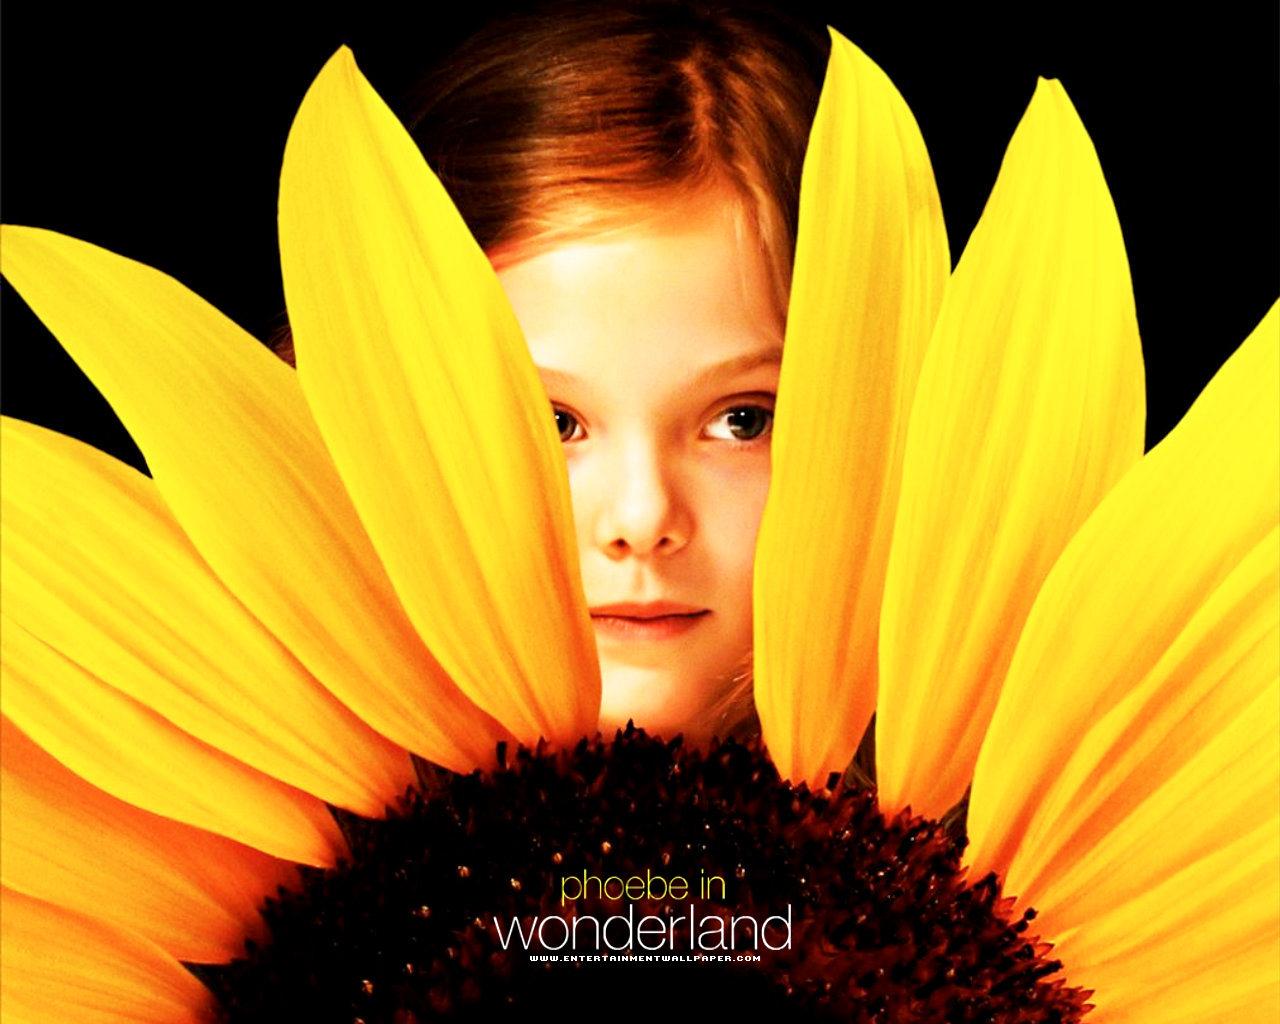 phoebe_in_wonderland01.jpg